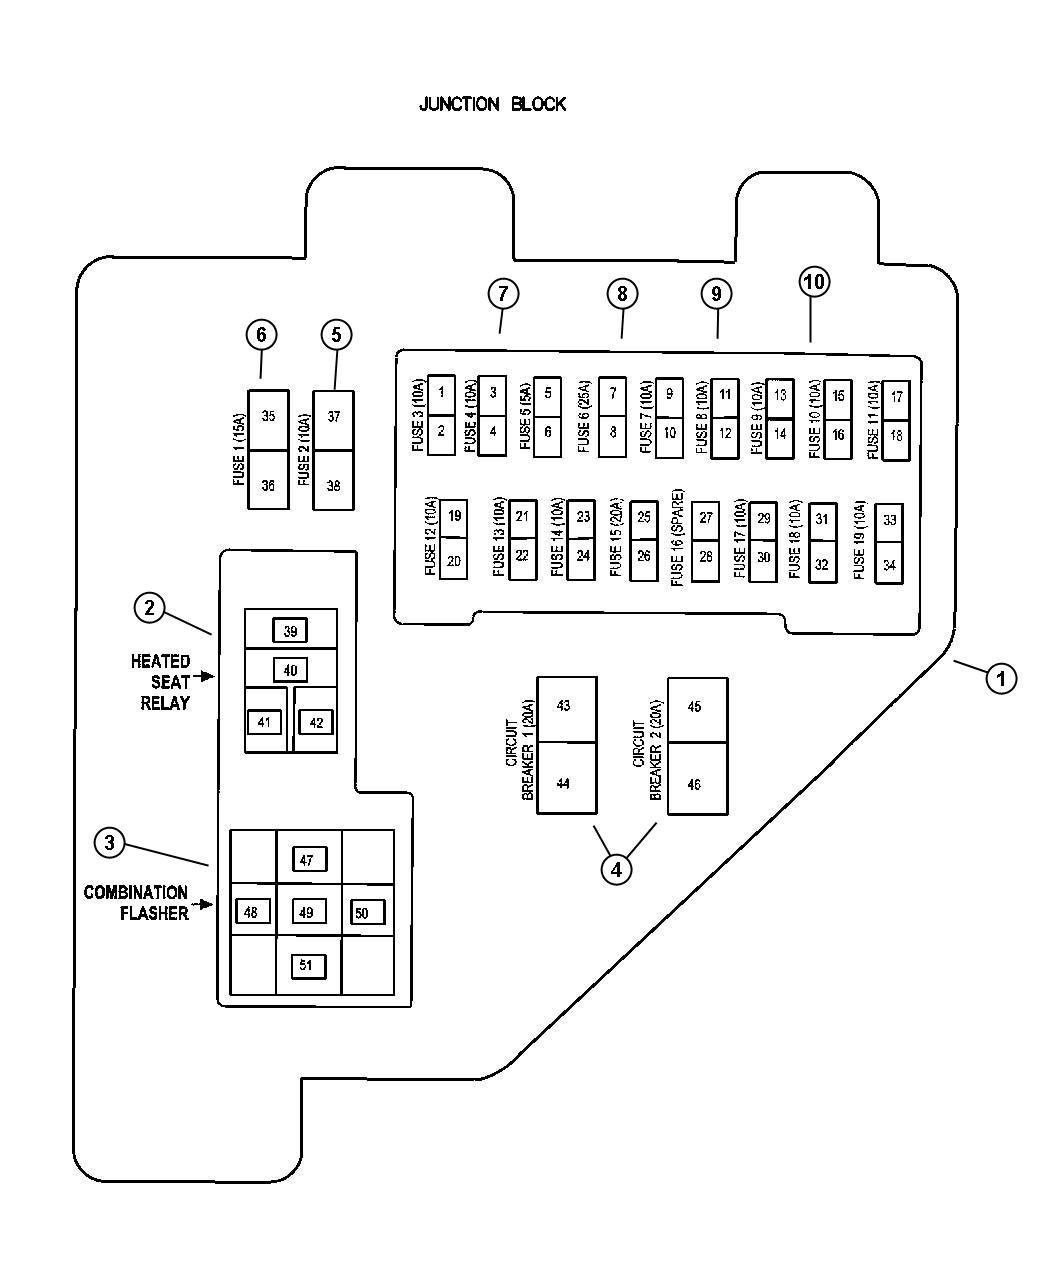 Fuse Box 99 Dodge Dakota Mustang Power Window Wiring Diagram Begeboy Wiring Diagram Source